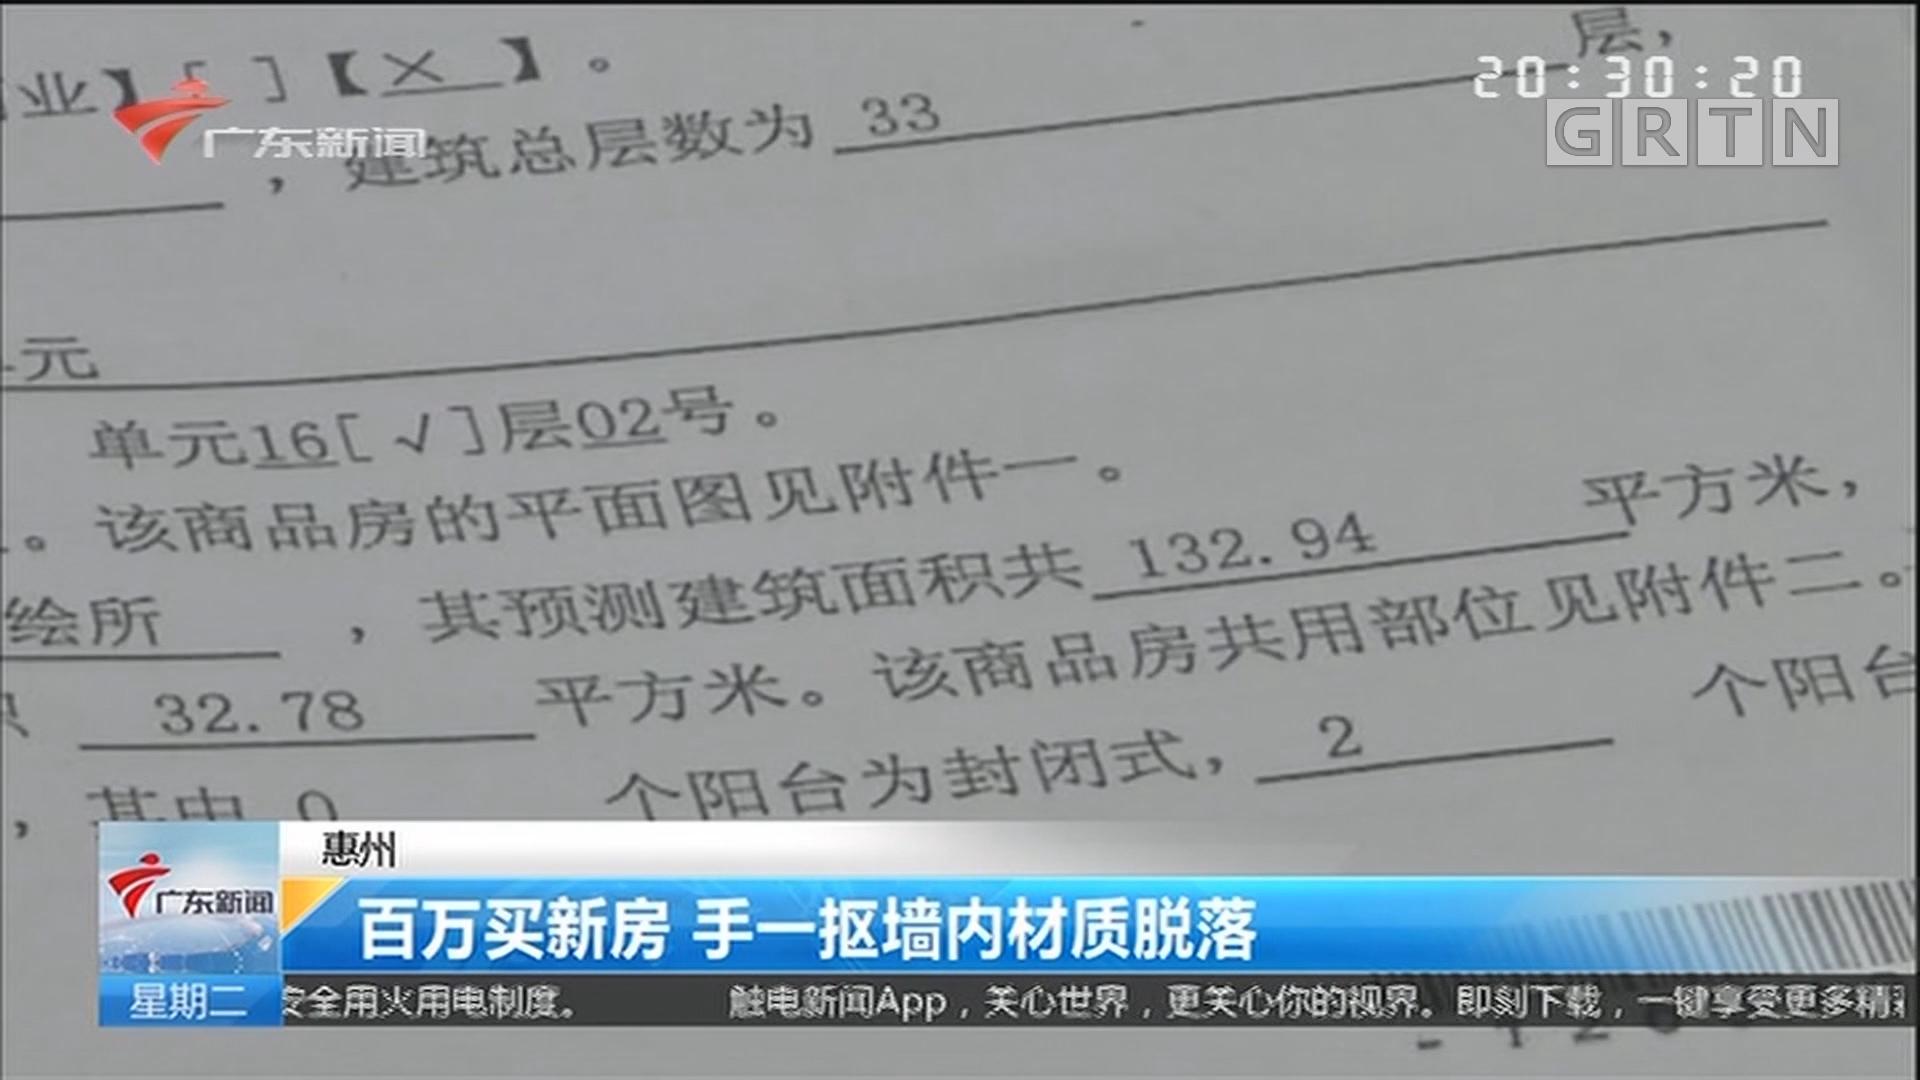 惠州:百万买新房 手一抠墙内材质脱落